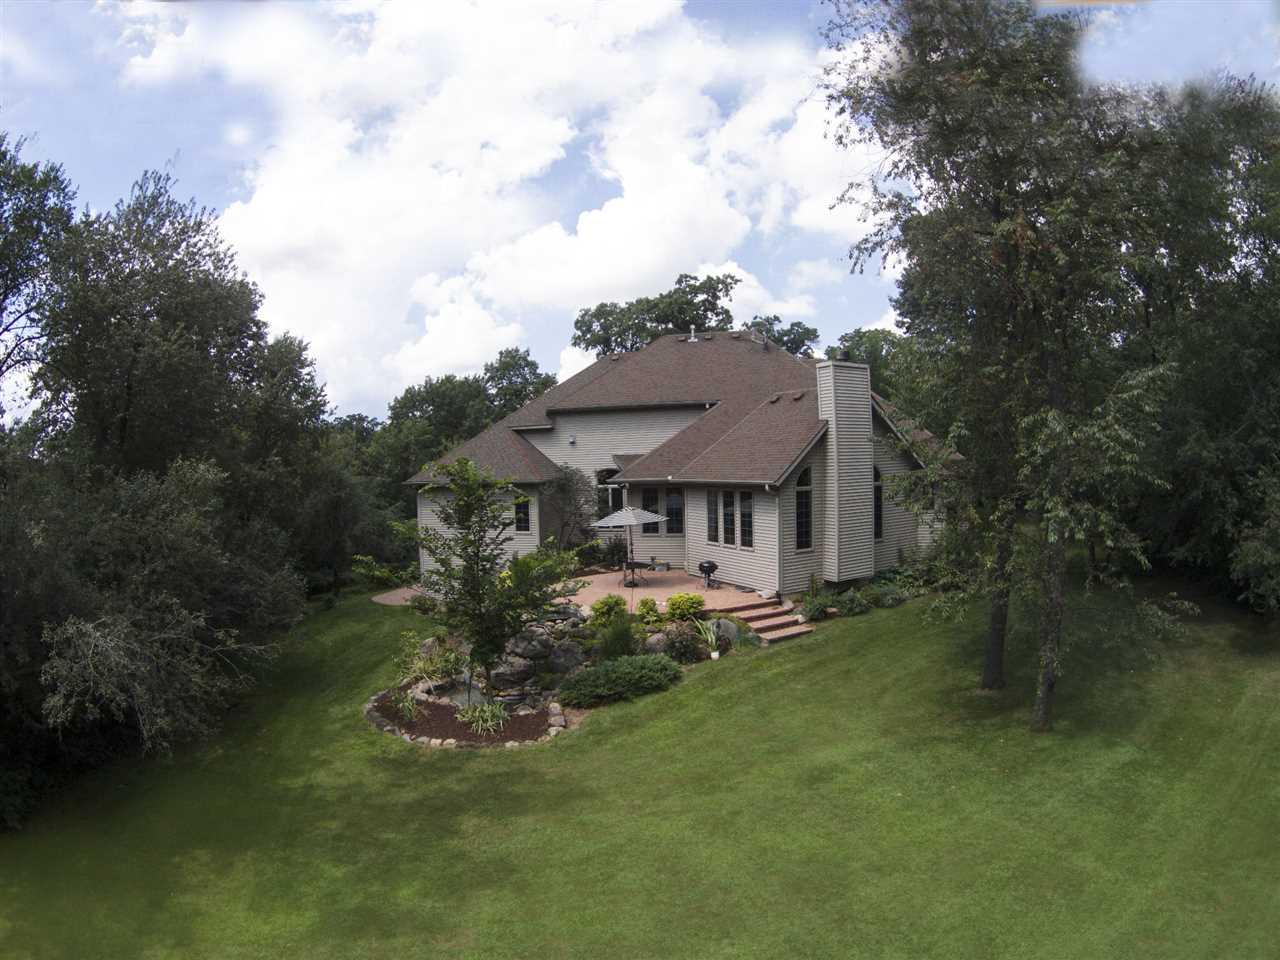 15355  Nichols Woods, South Beloit, IL 61080